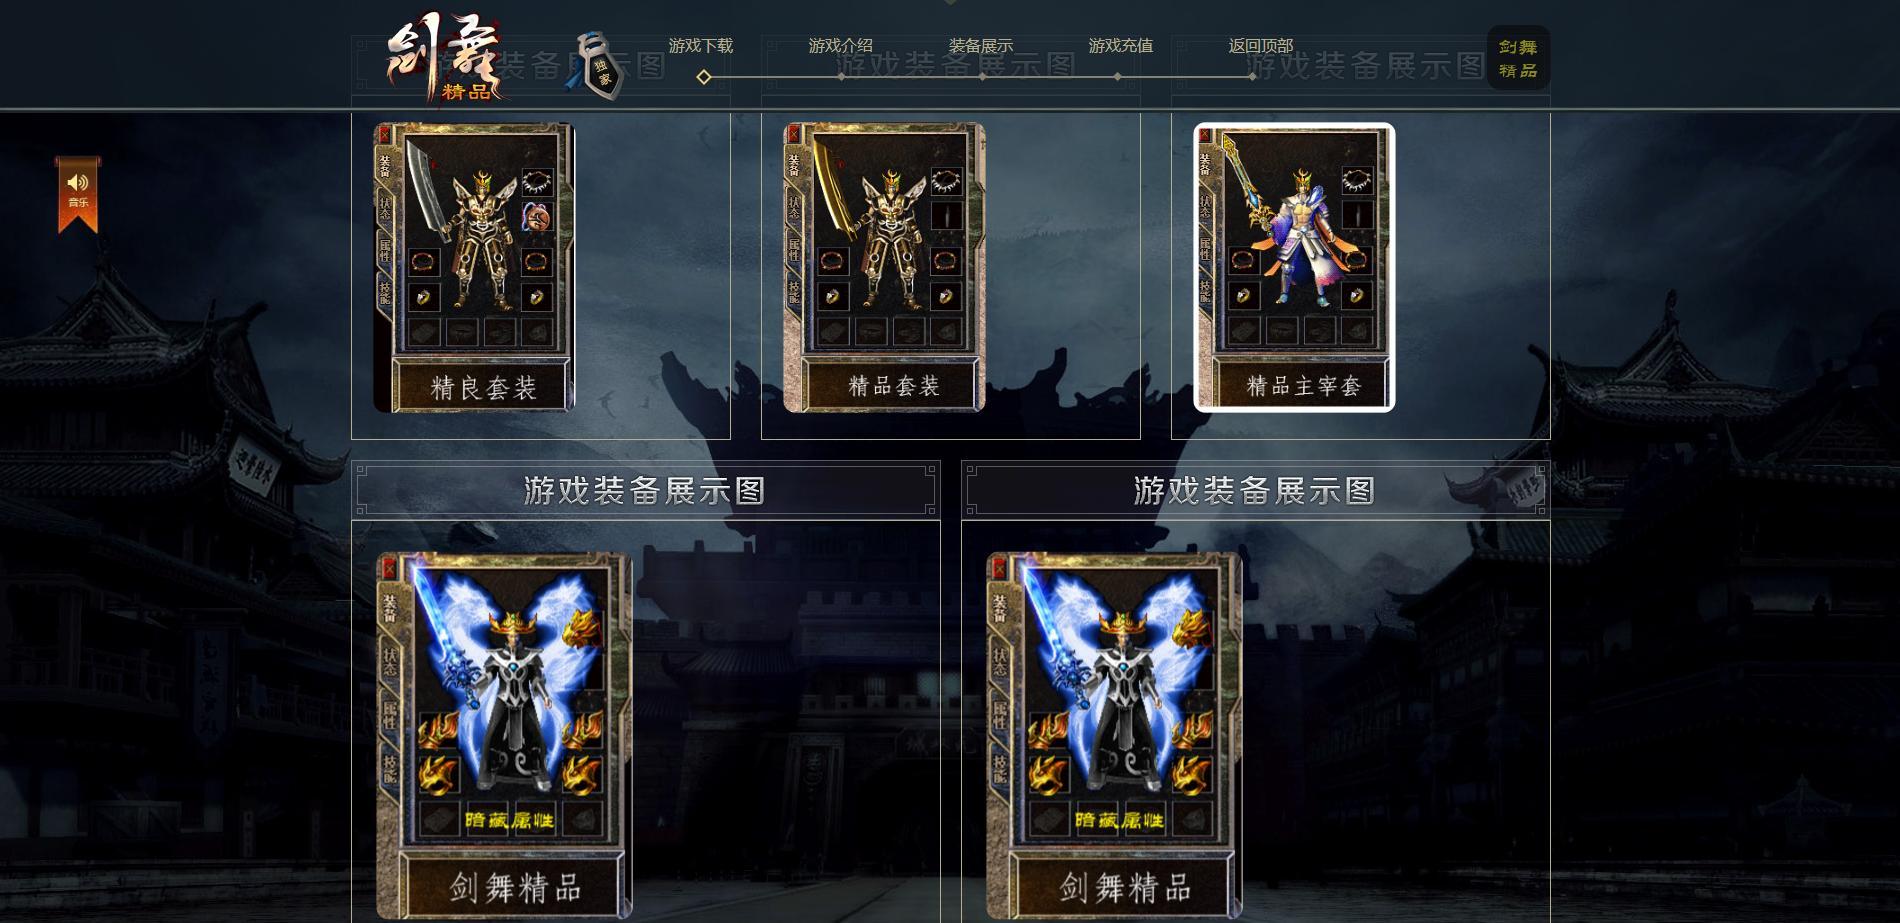 1.76剑舞精品复古版本_神泣废墟_HERO引擎